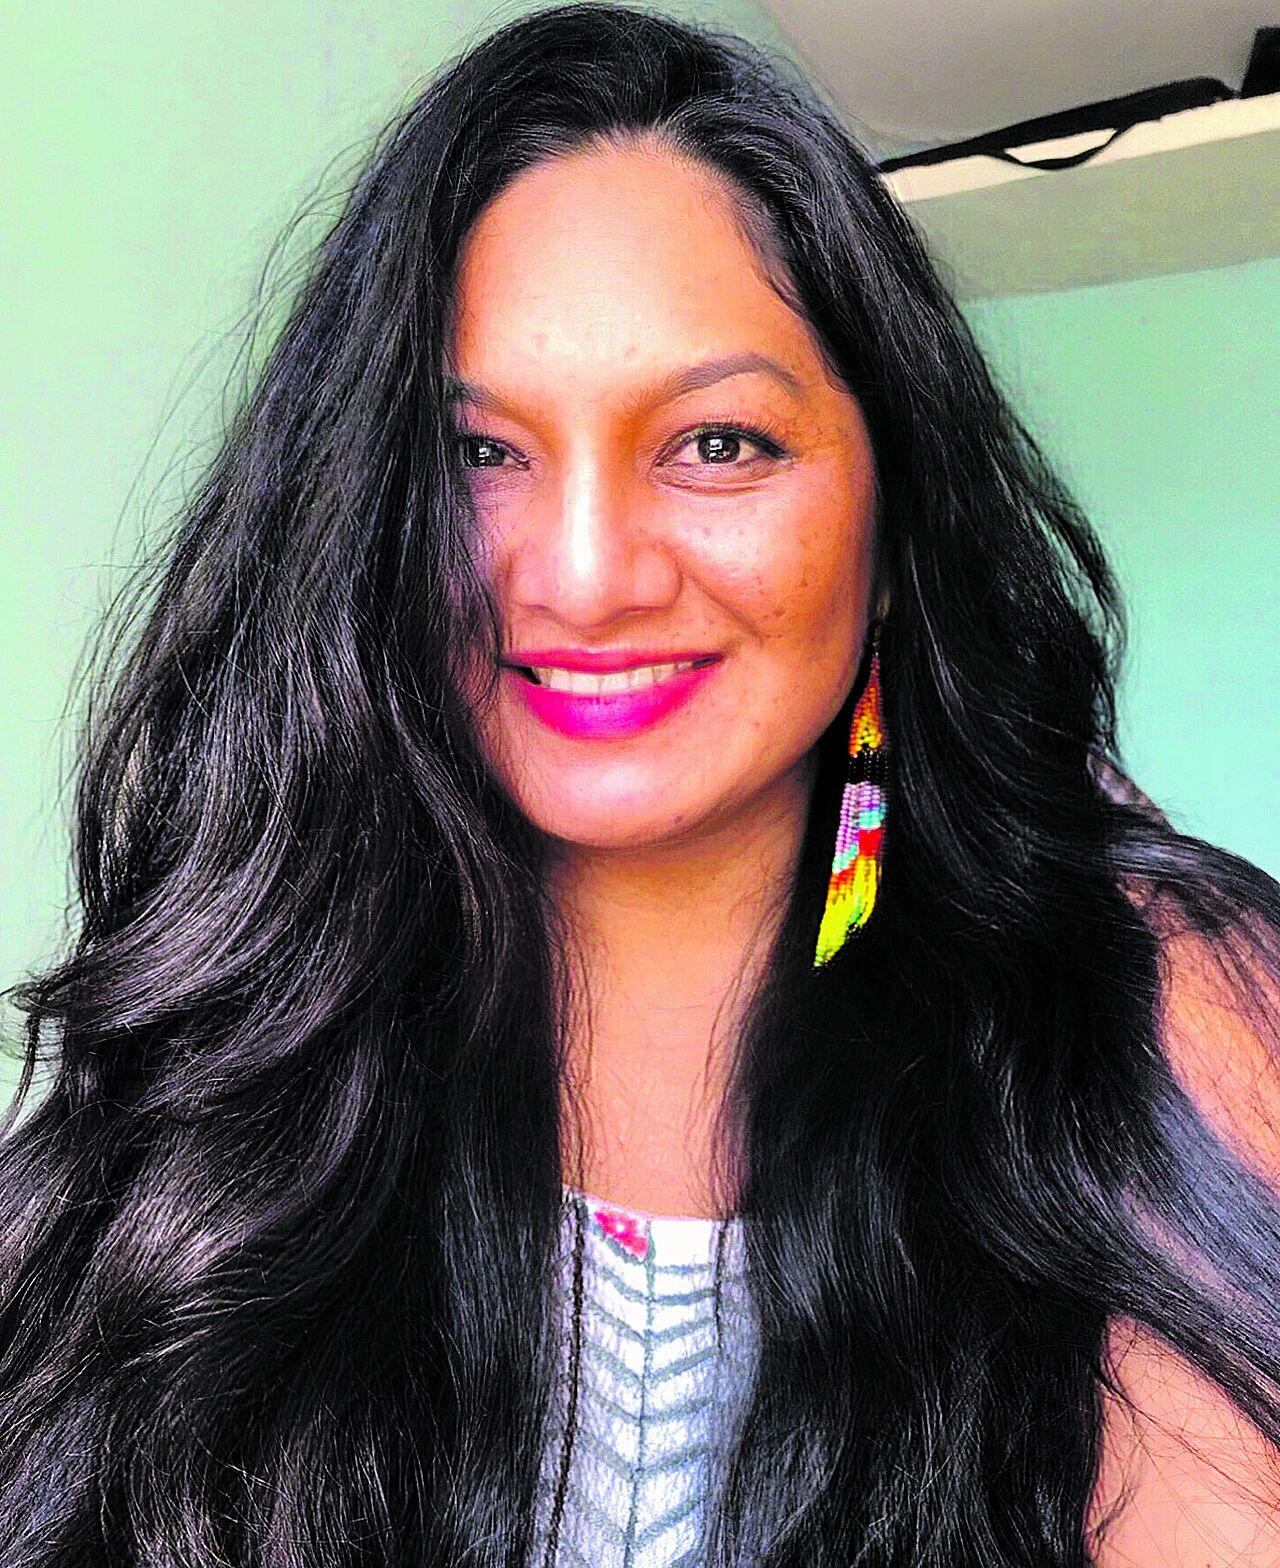 """Graciela Guarani concorre no Festival """"As Amazonas do Cinema"""", dentro do """"Amazônia Doc"""", com o curta """"Opará - Morada dos Ancestrais"""" e ministra hoje oficina on-line"""